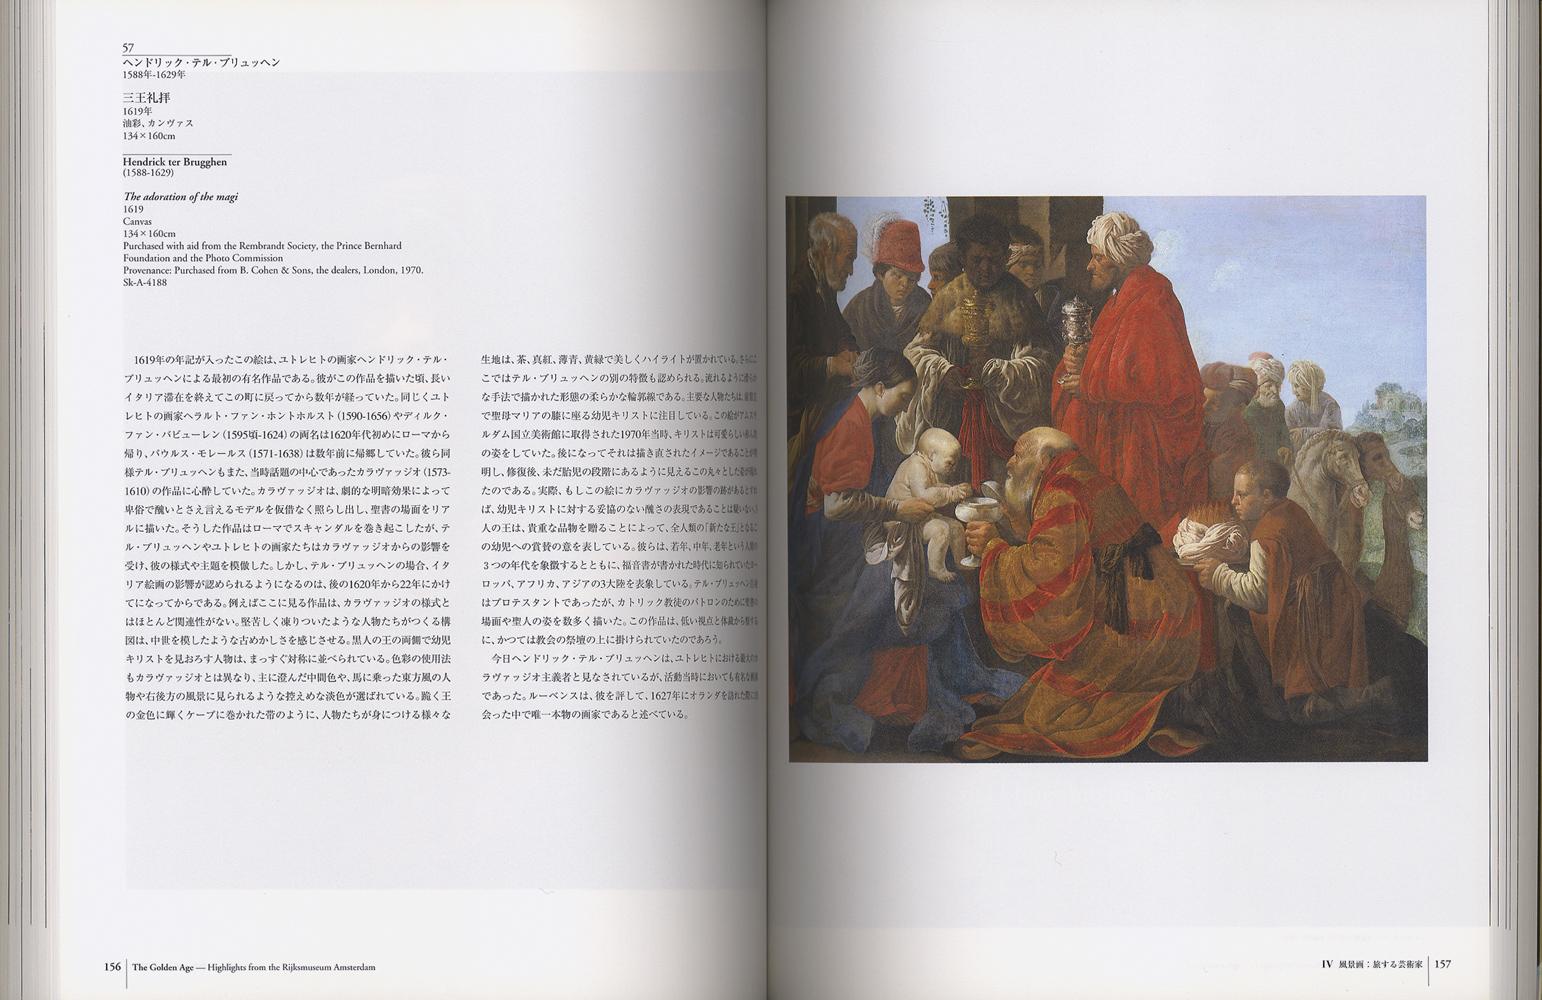 オランダ絵画の黄金時代 アムステルダム国立美術館展図録[image4]